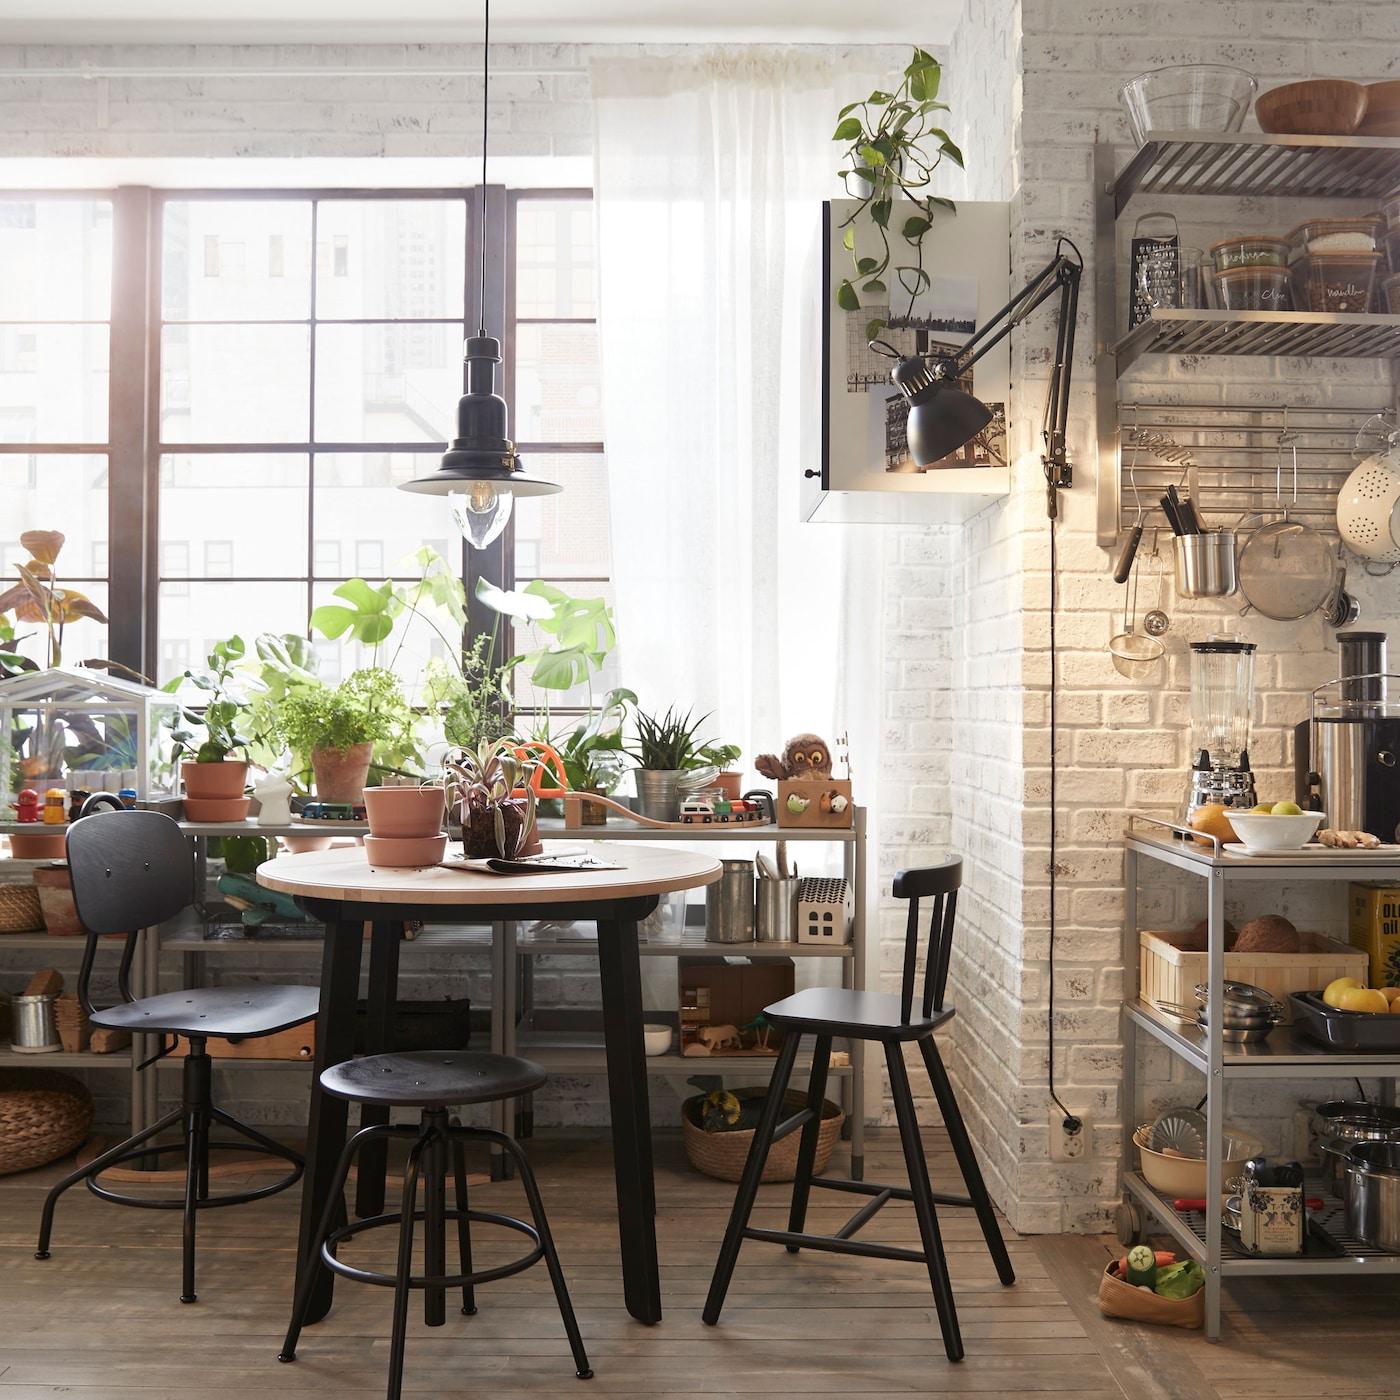 A mesa de refeição GAMLARED da IKEA em preto tem pernas pretas e tampo redondo em madeira, com uma superfície macia.